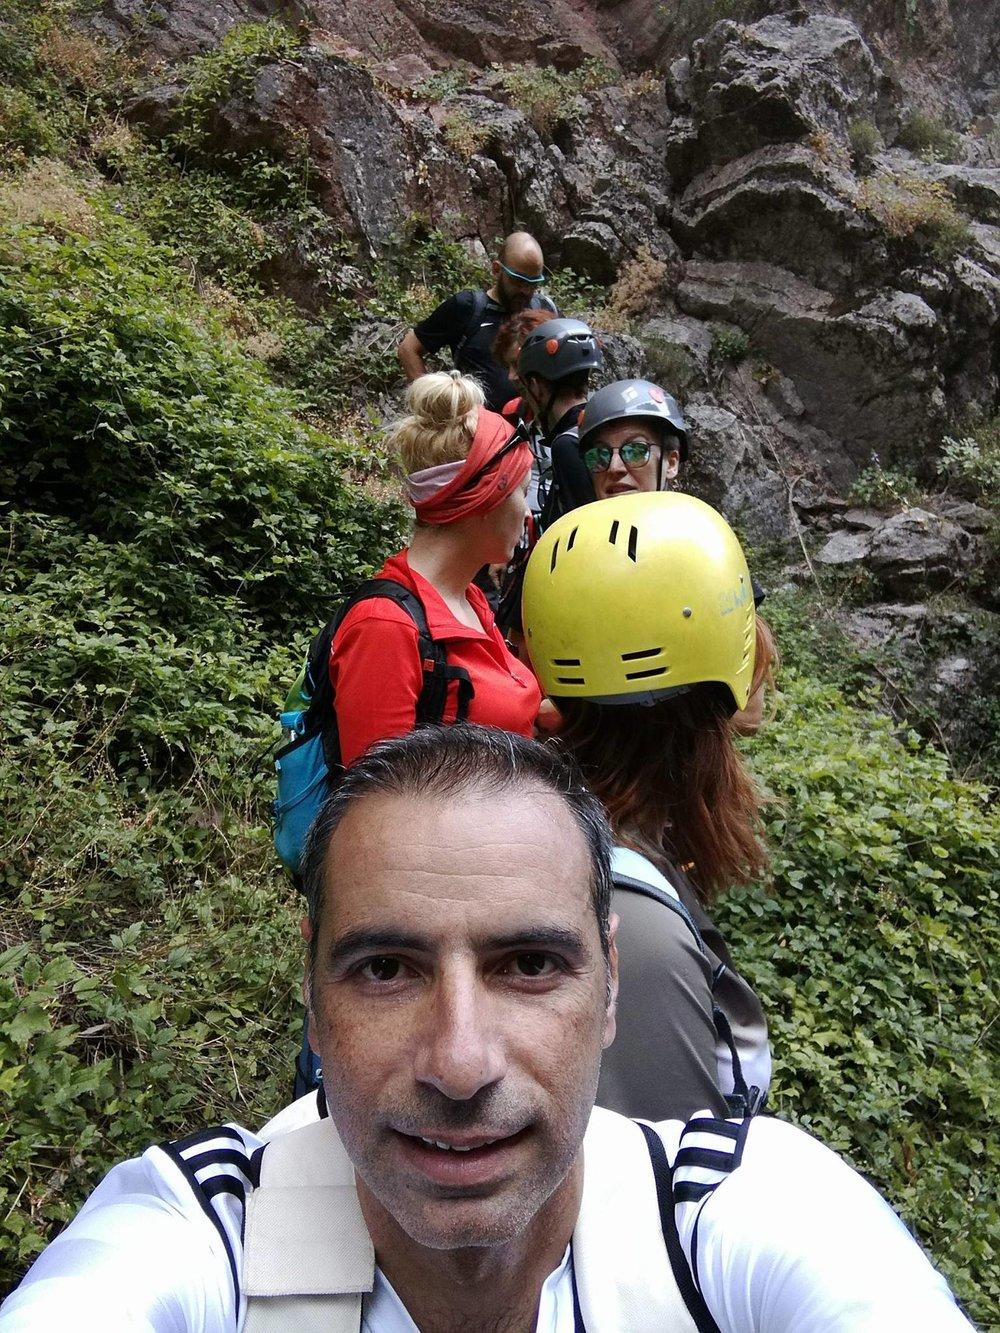 Antonis-selfie.jpg